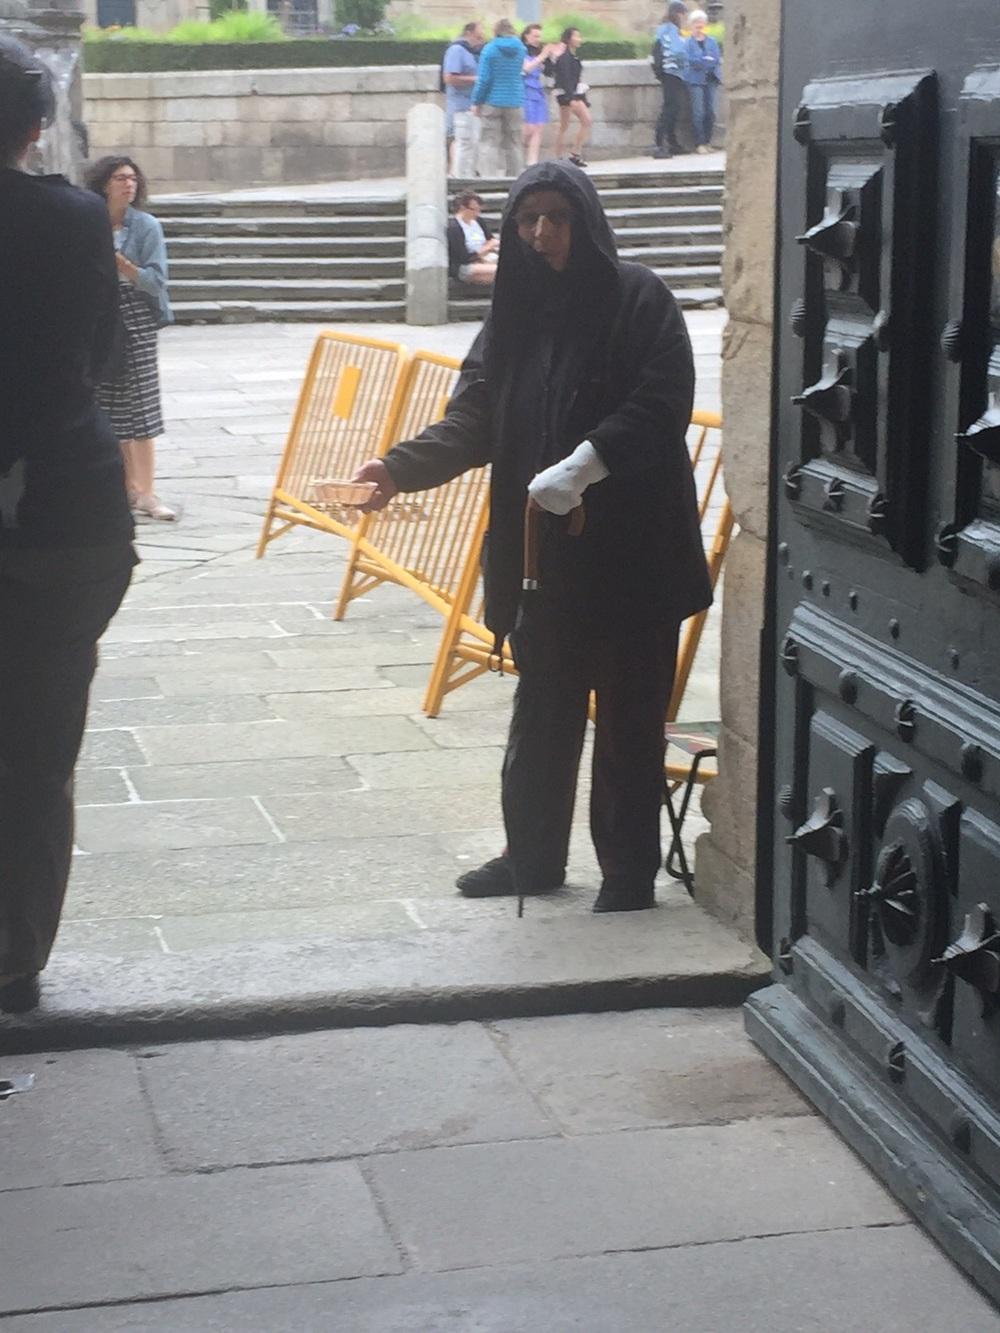 Begger at the door after Mass